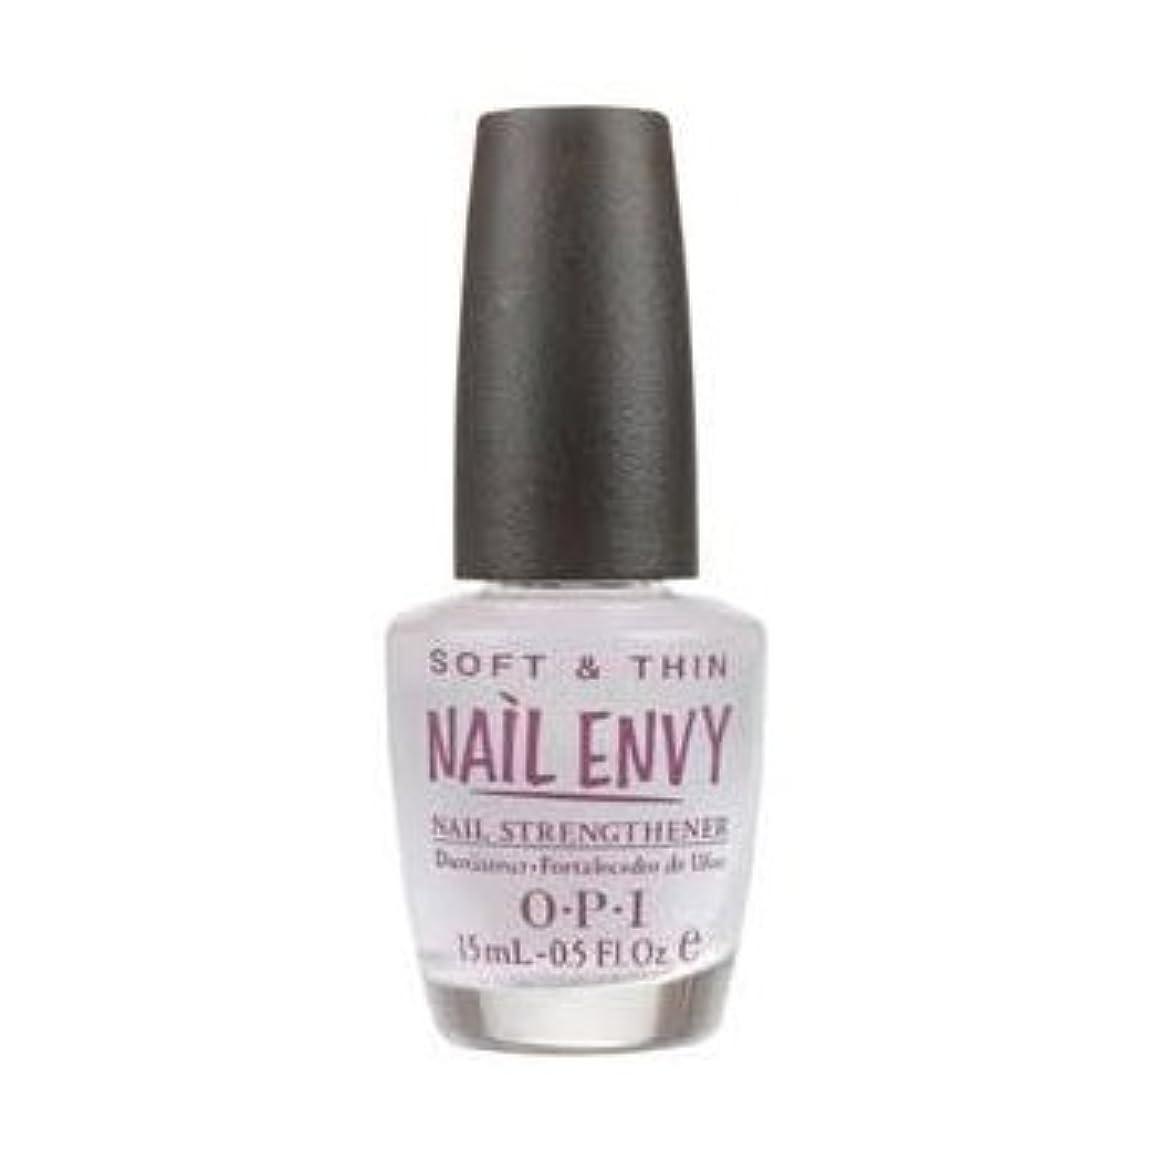 ヒョウ対話絡まるOPI Nail Polish Nail Envy Soft & Thin Natural Nail Strengthener For Soft, Thin Nails